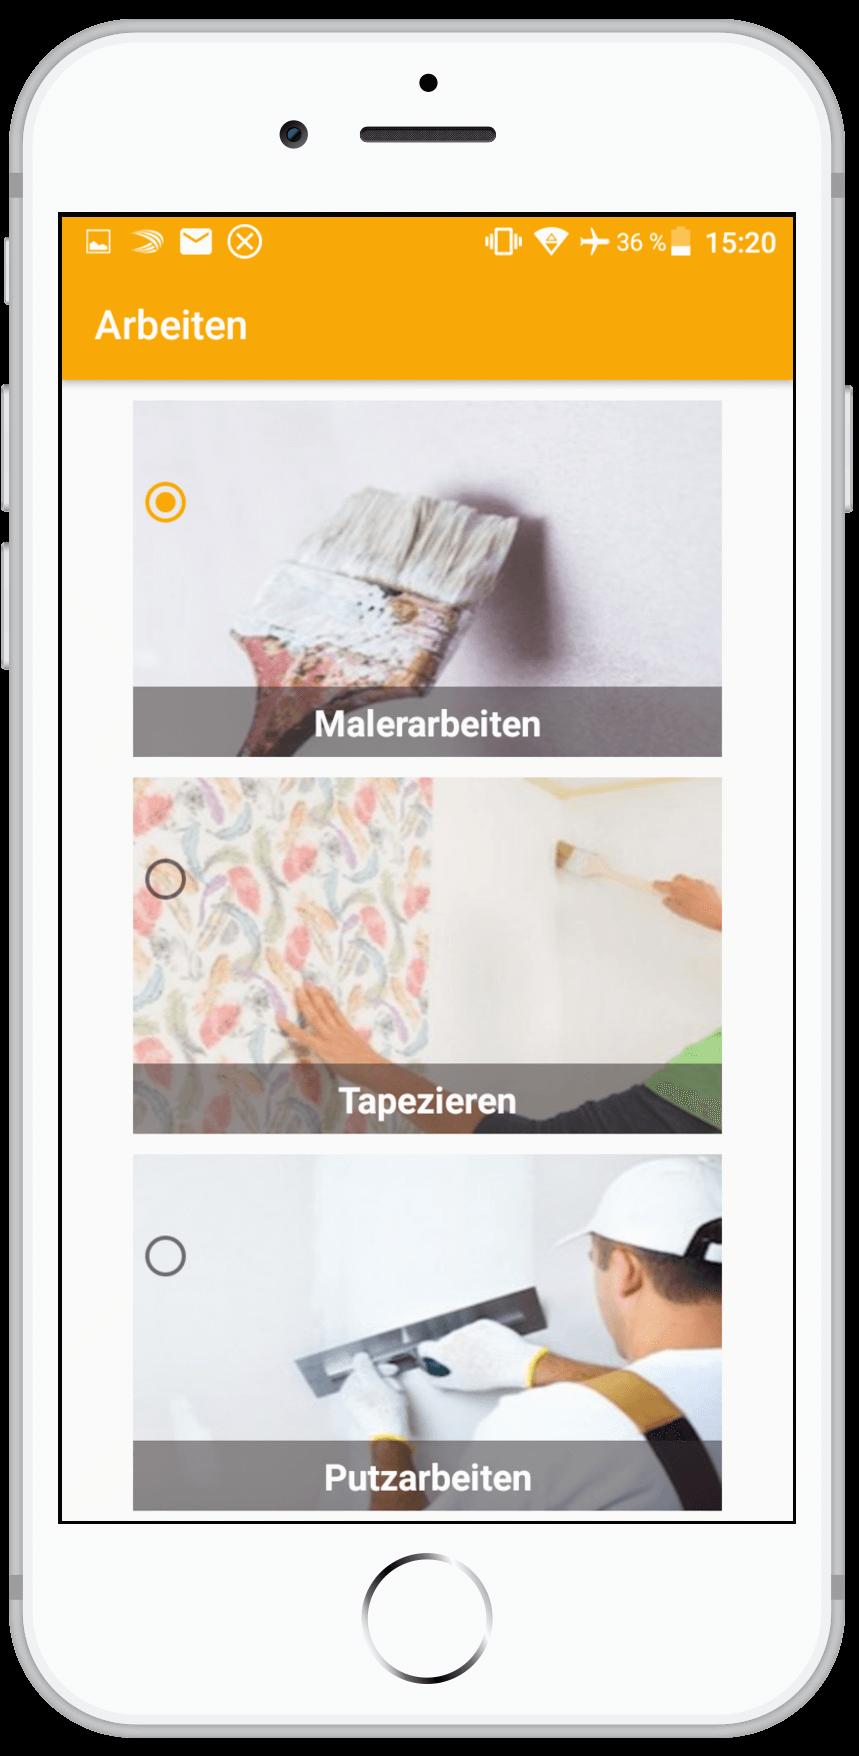 maler_app